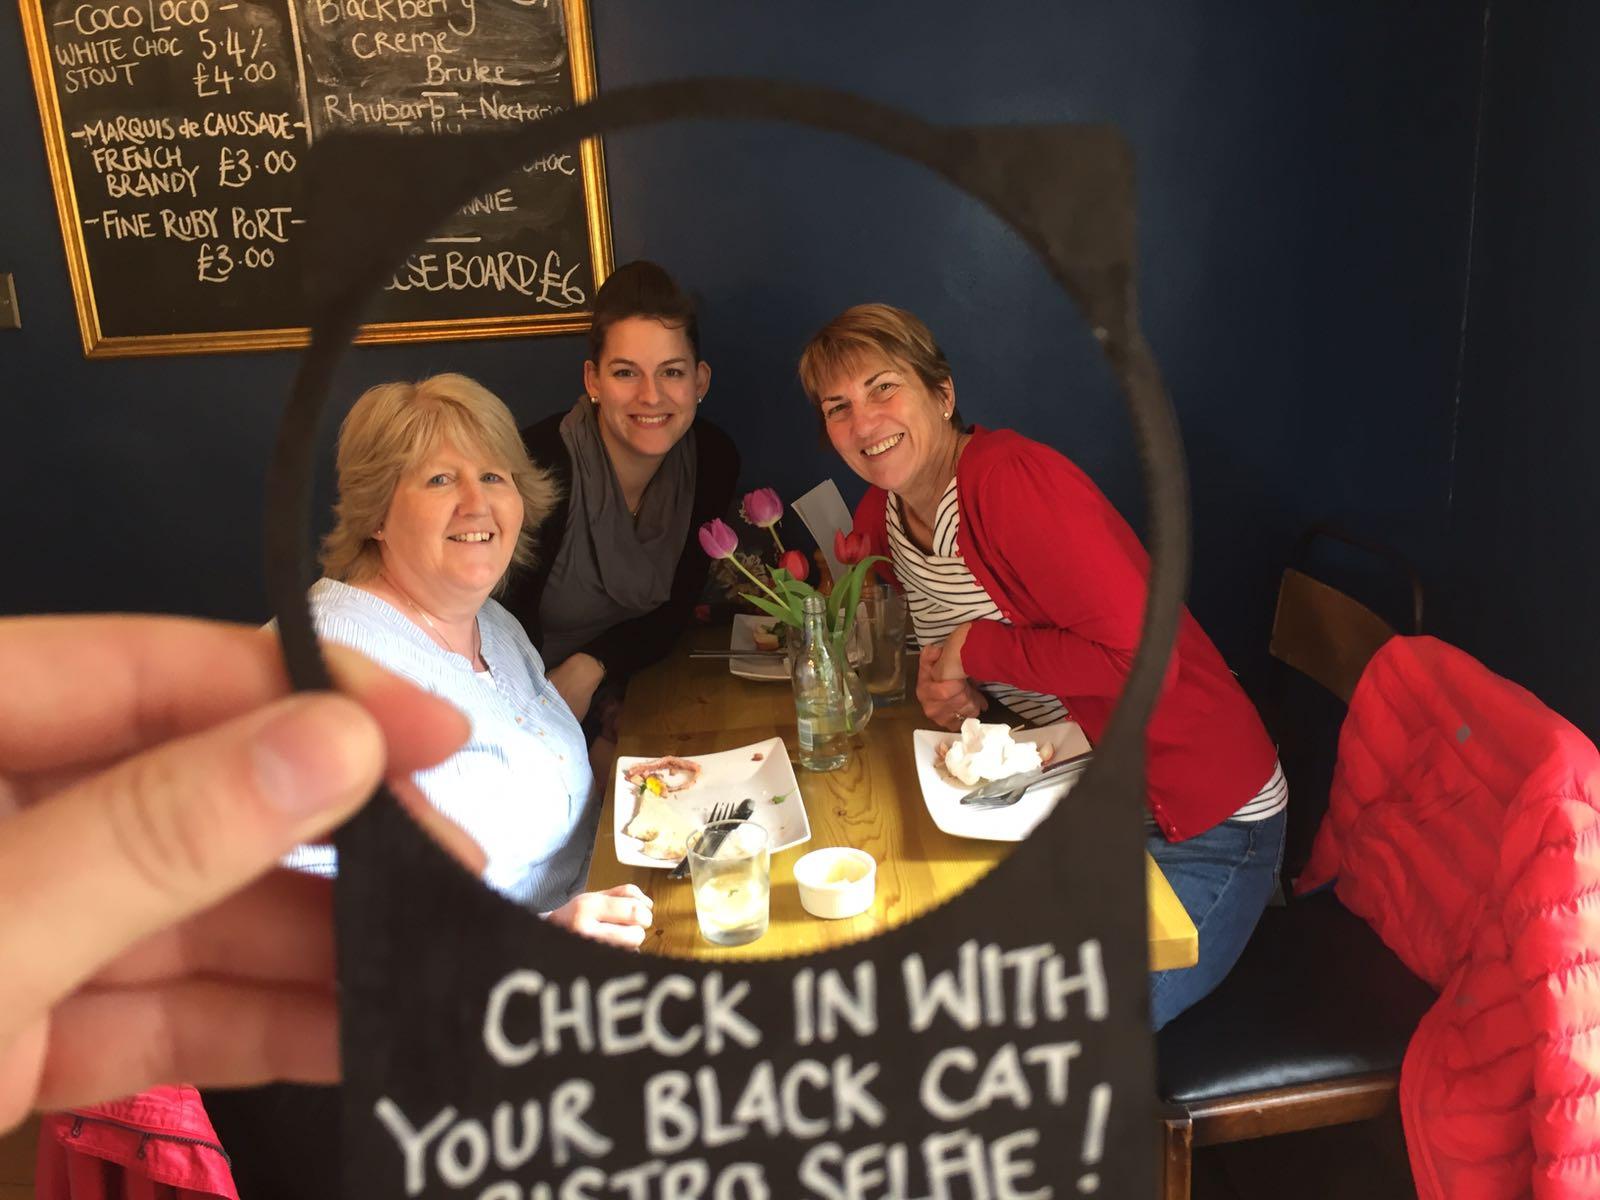 The Black Cat Bistro Selfie